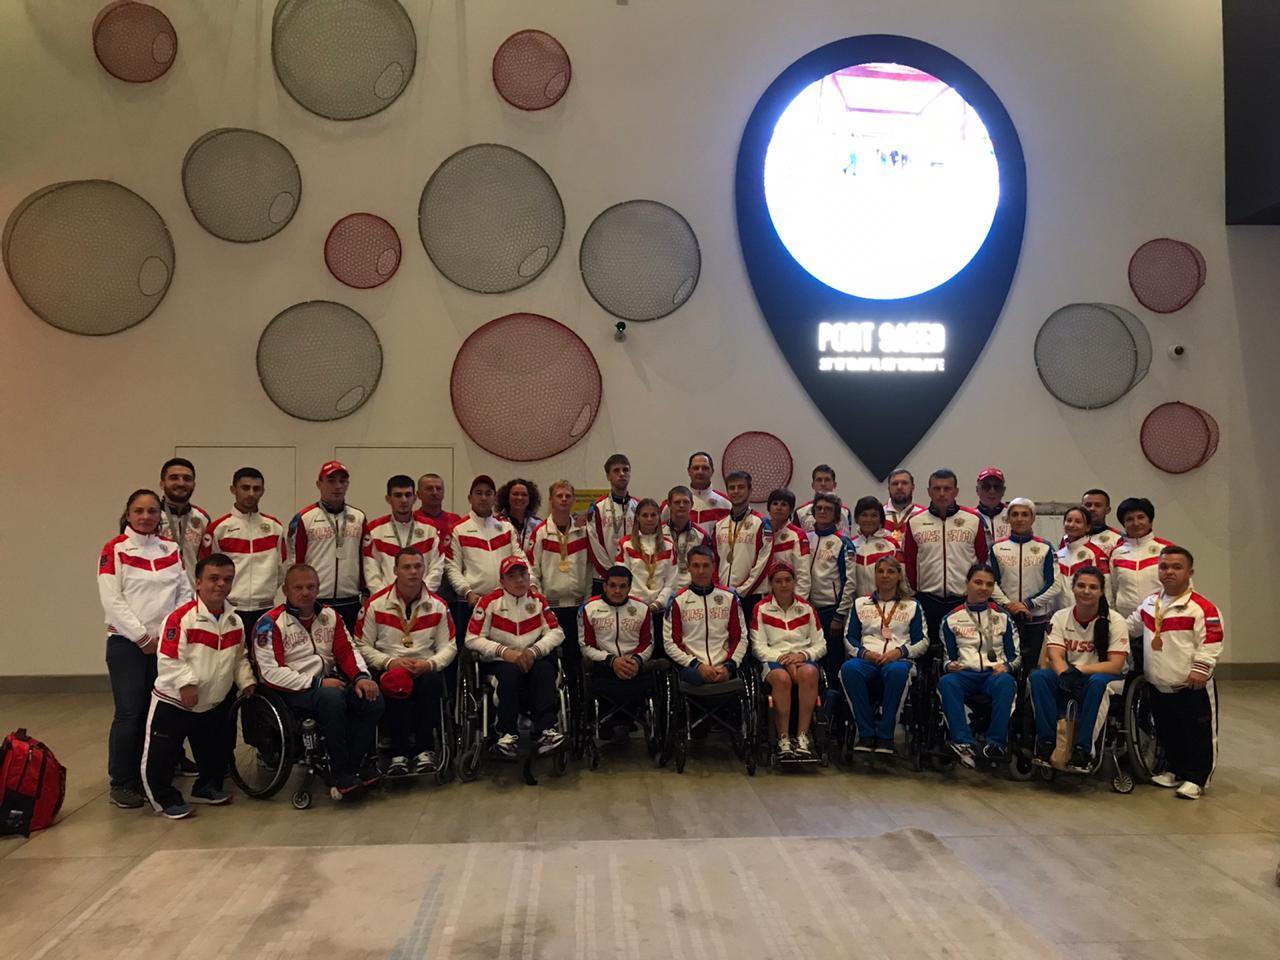 Сборная России завоевала 3 серебряные и 2 бронзовые медали в заключительный день чемпионата мира по легкой атлетике МПК в Дубае